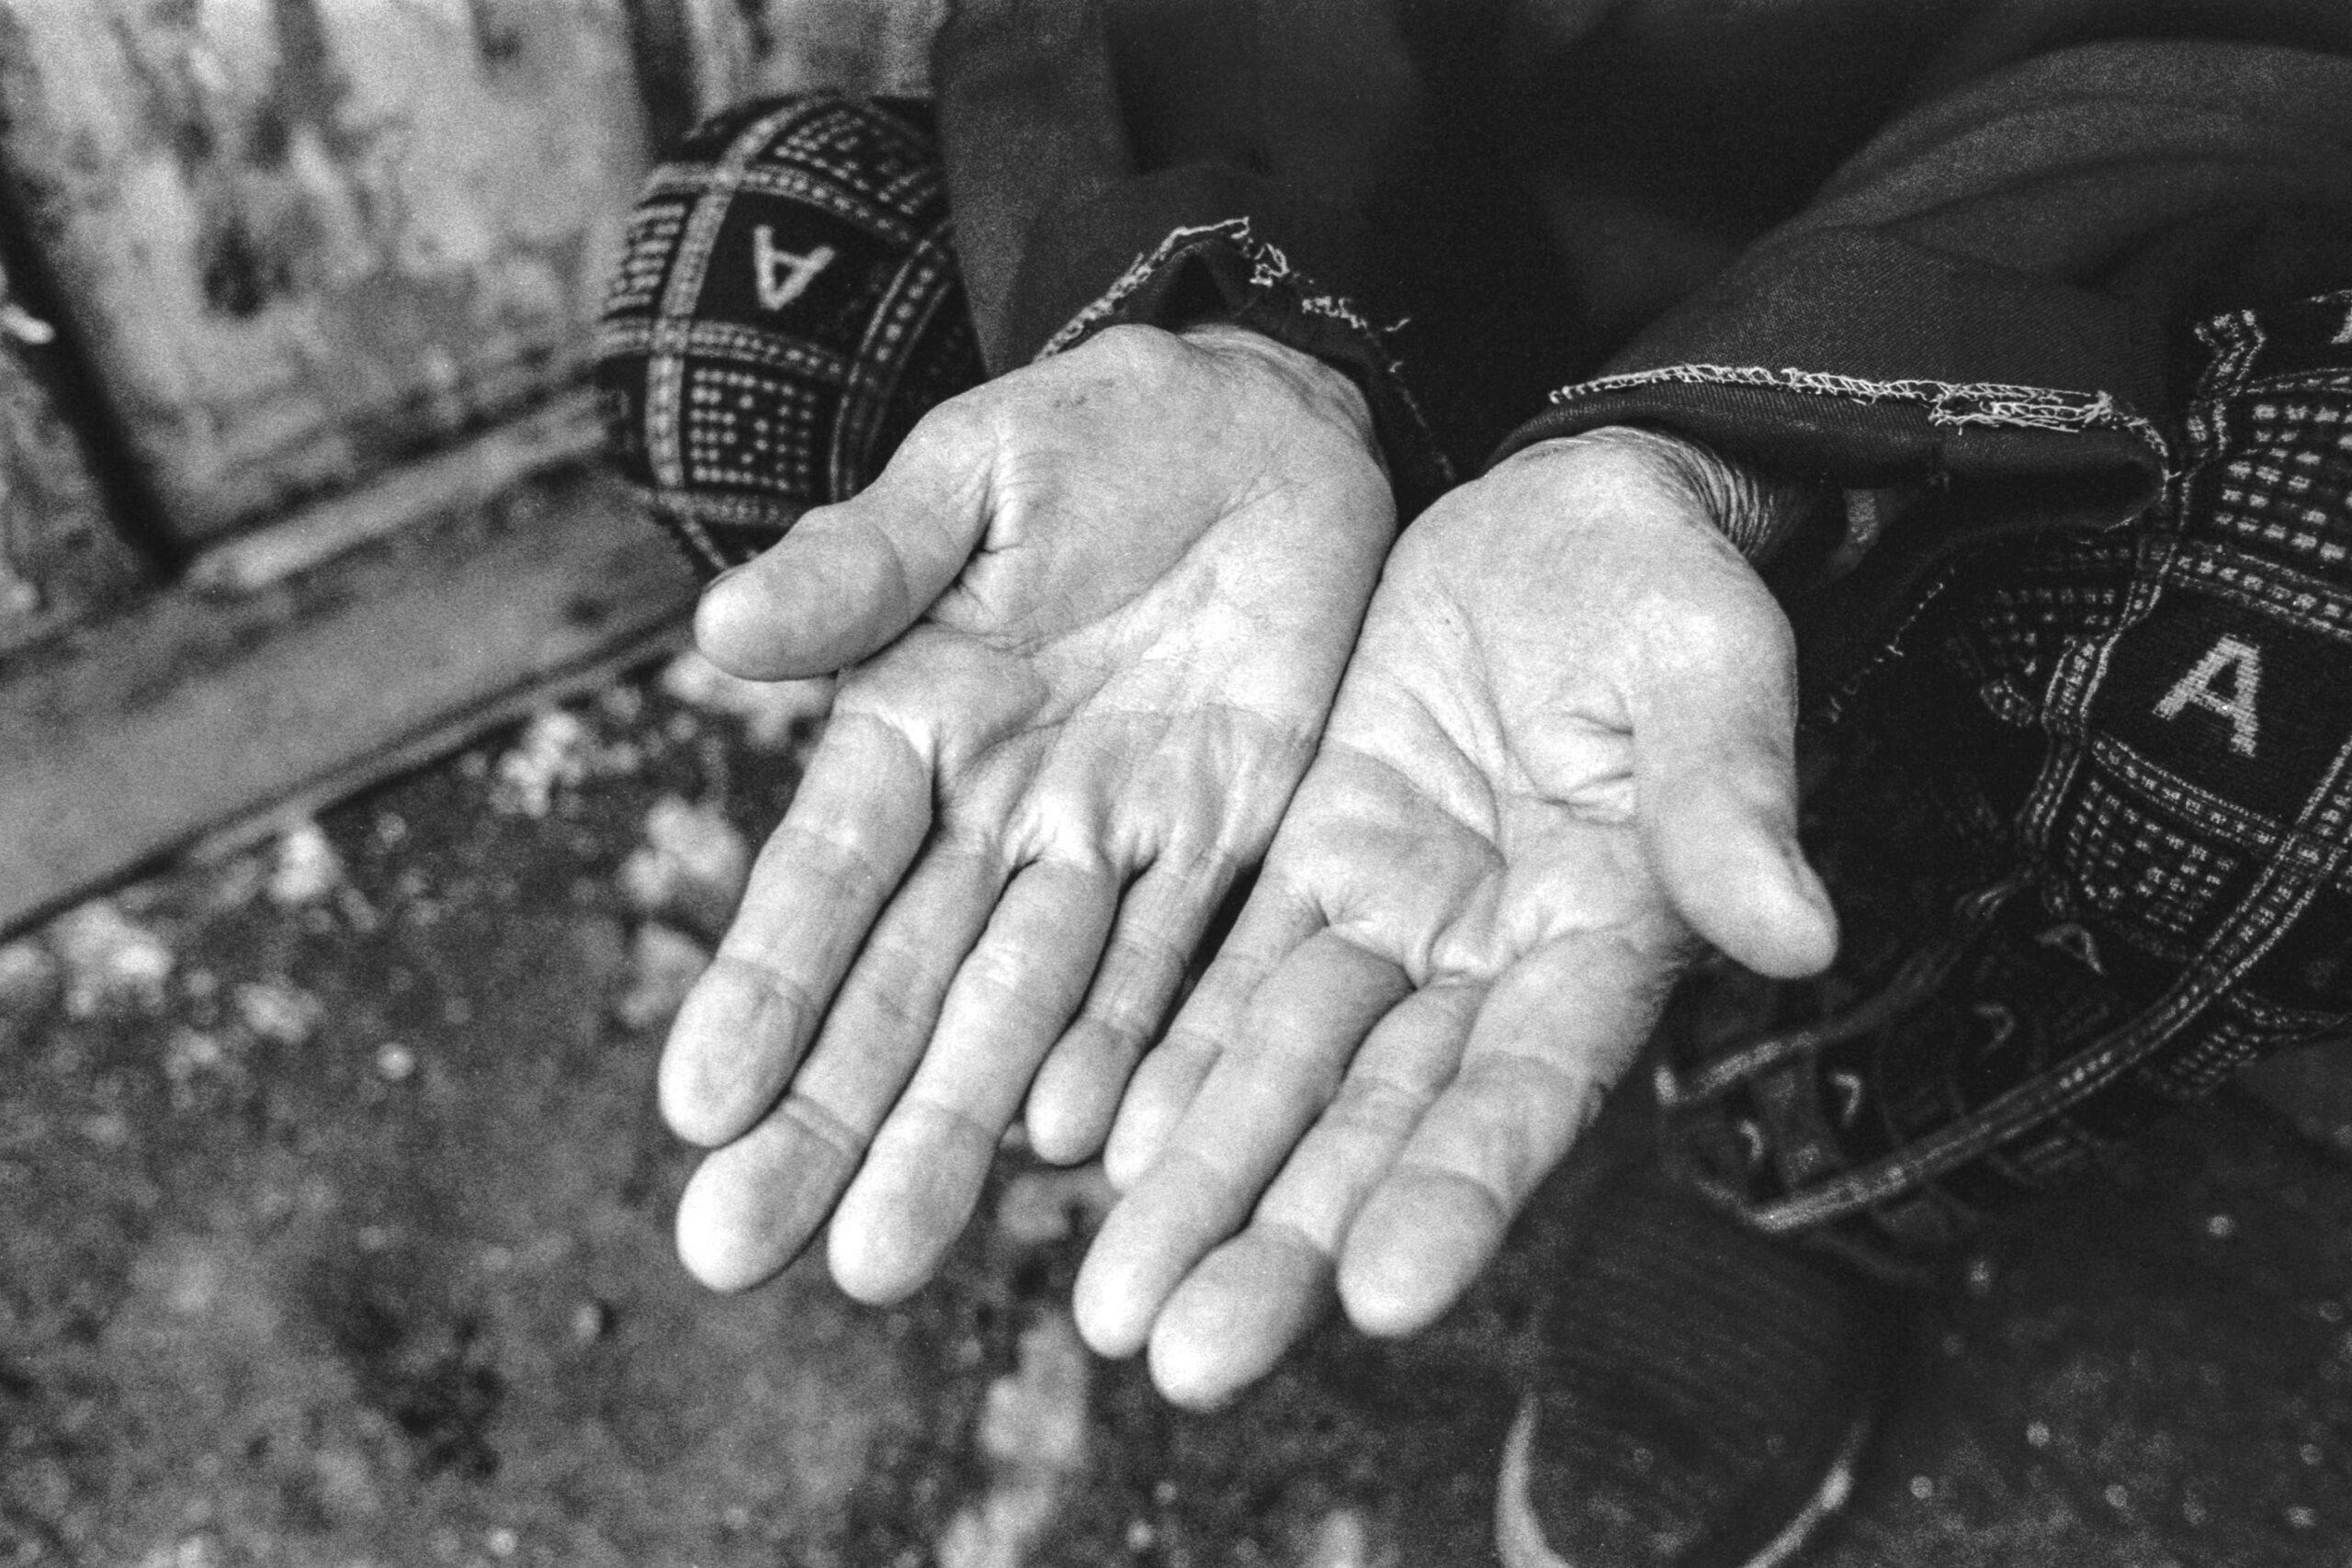 07 hands of park seo-un in hunchun 2004-007